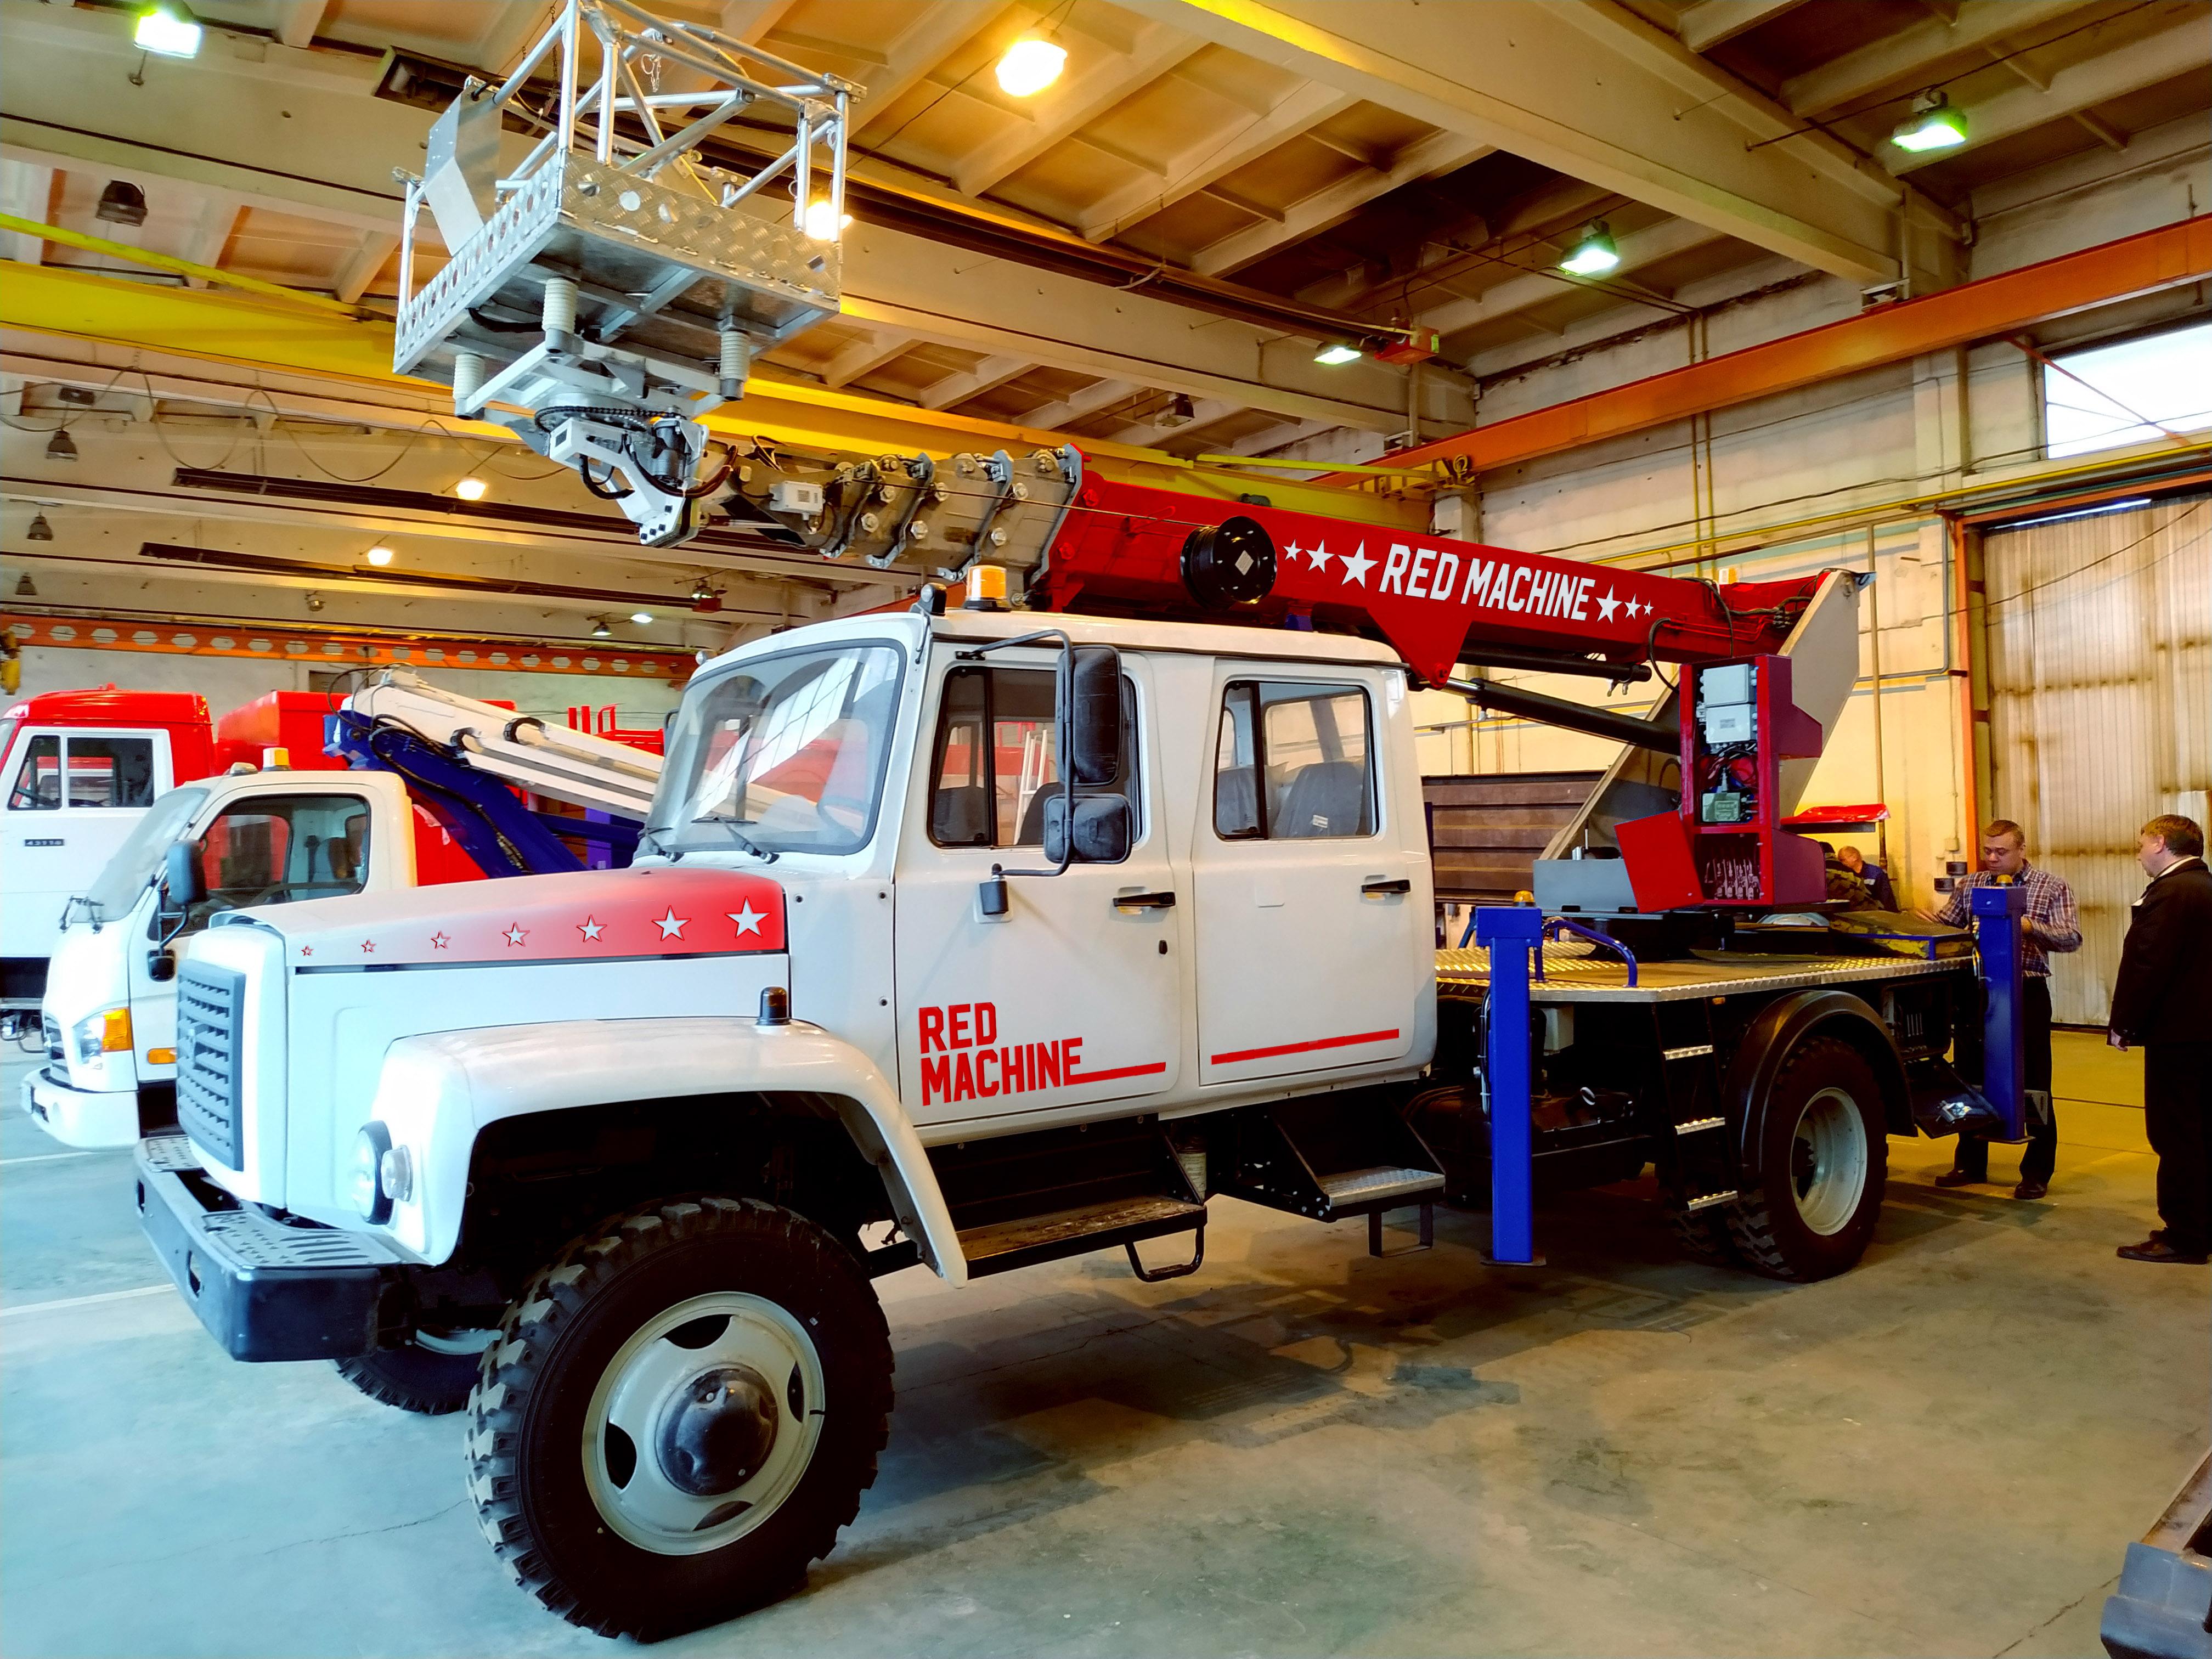 Оформление автогидроподъёмника,  бренд - RED MACHINE фото f_6475e175d27b49ea.jpg